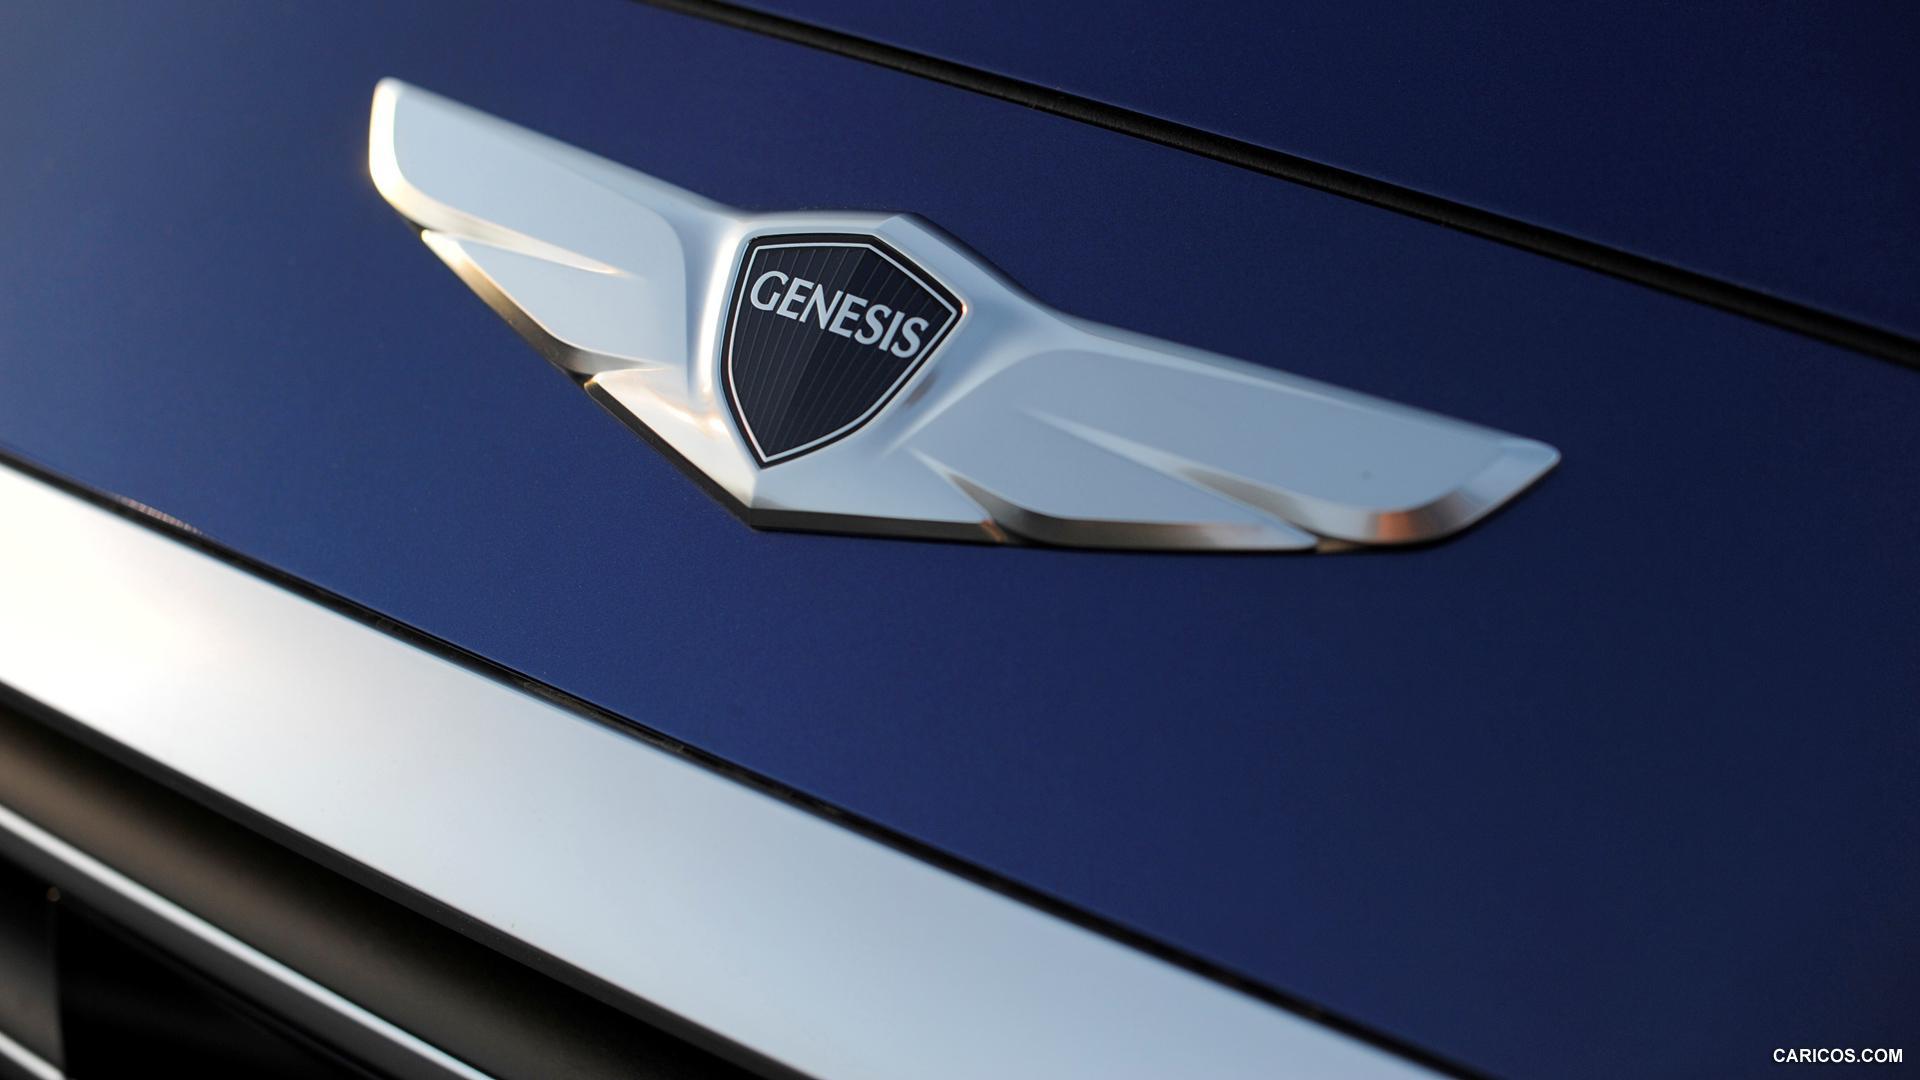 Genesis Car Logo >> Hyundai Genesis Logo Wallpapers Wallpaper Cave